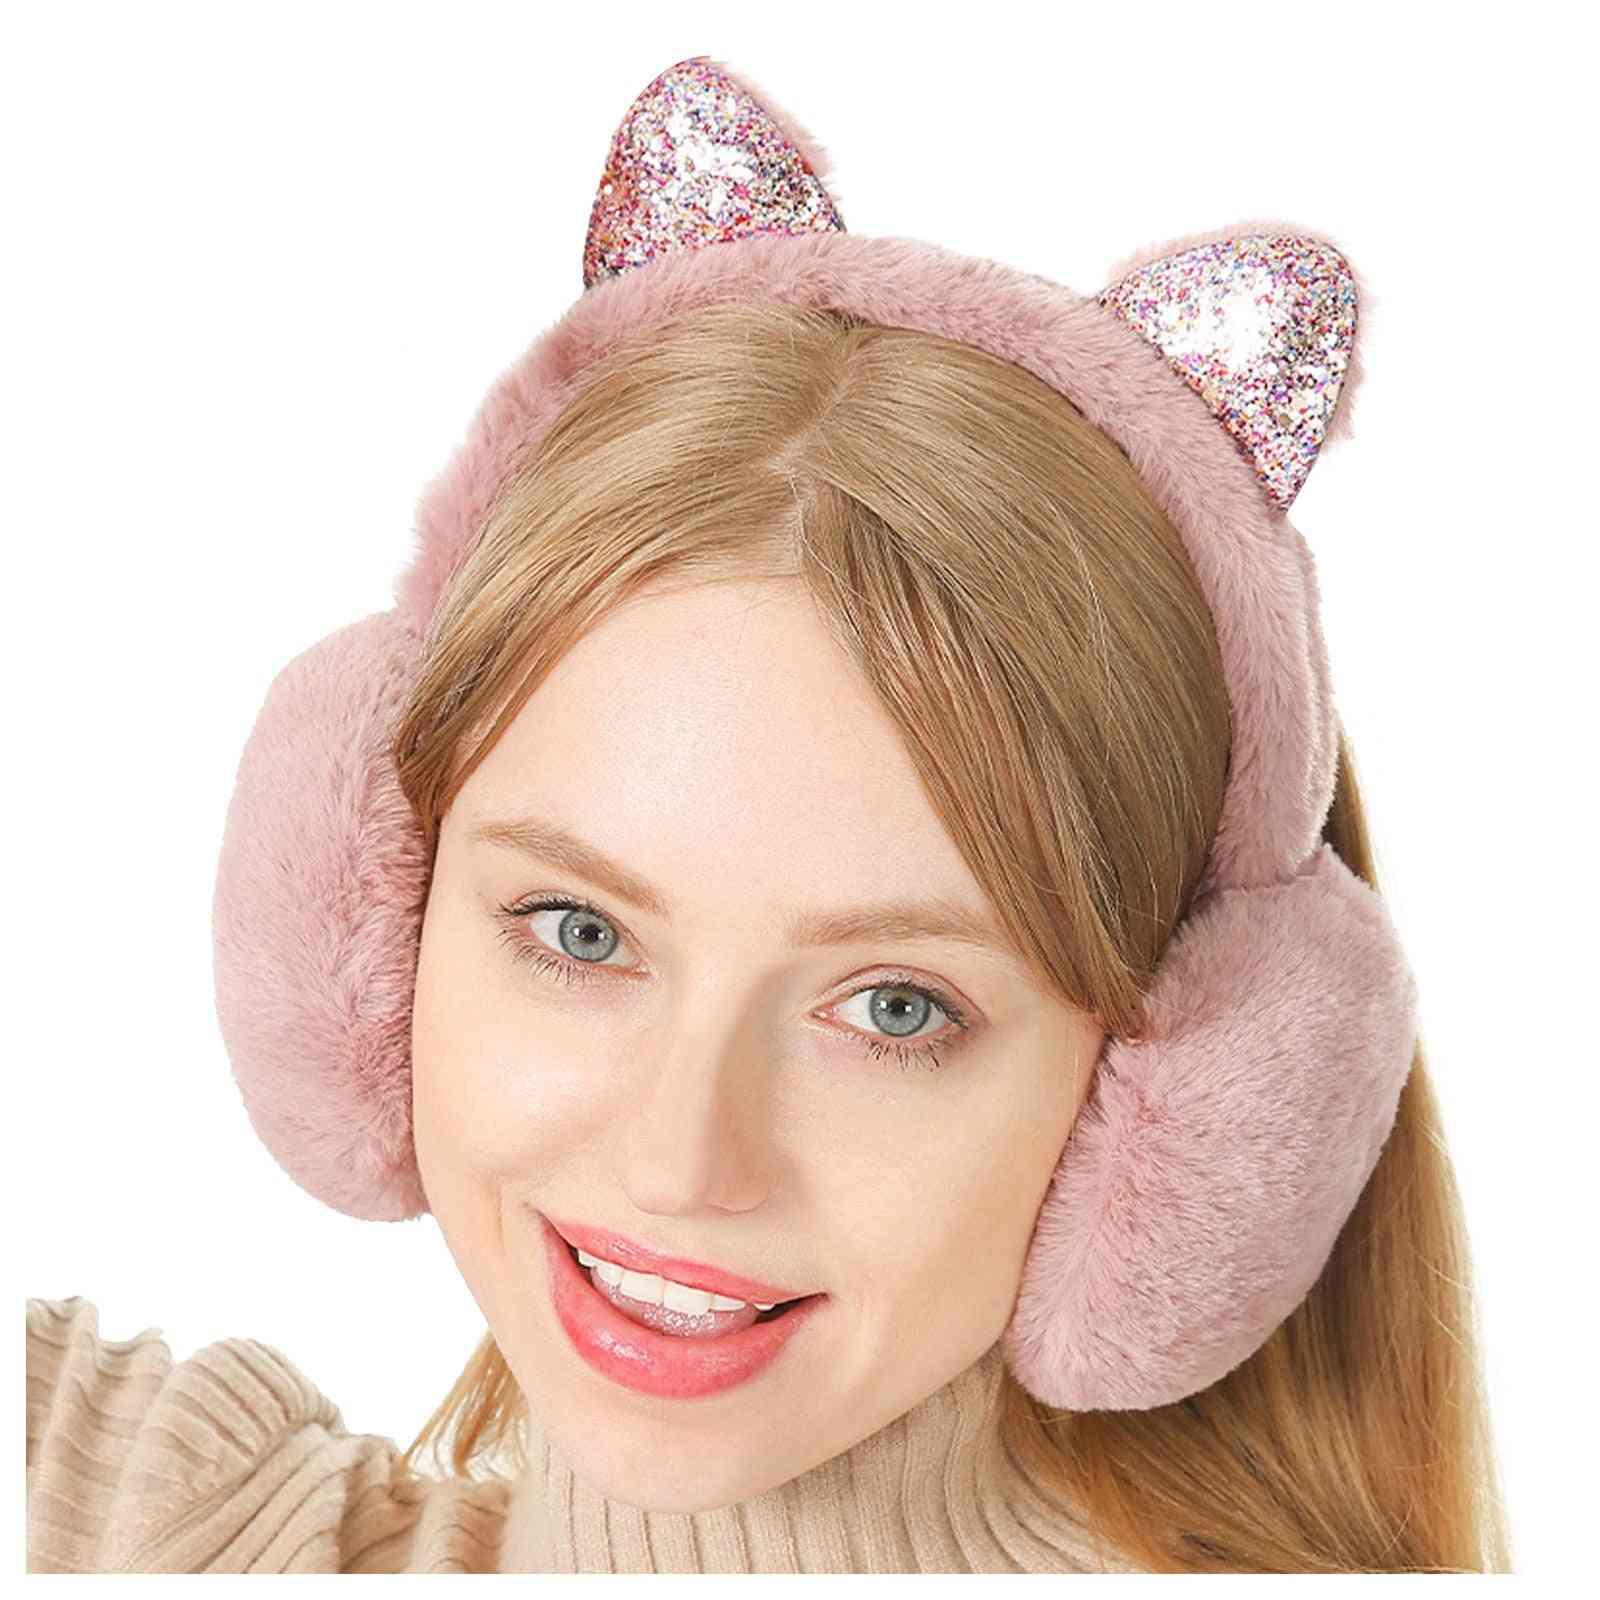 Girls Cute Cartoon Plush Folding Ear Protectors